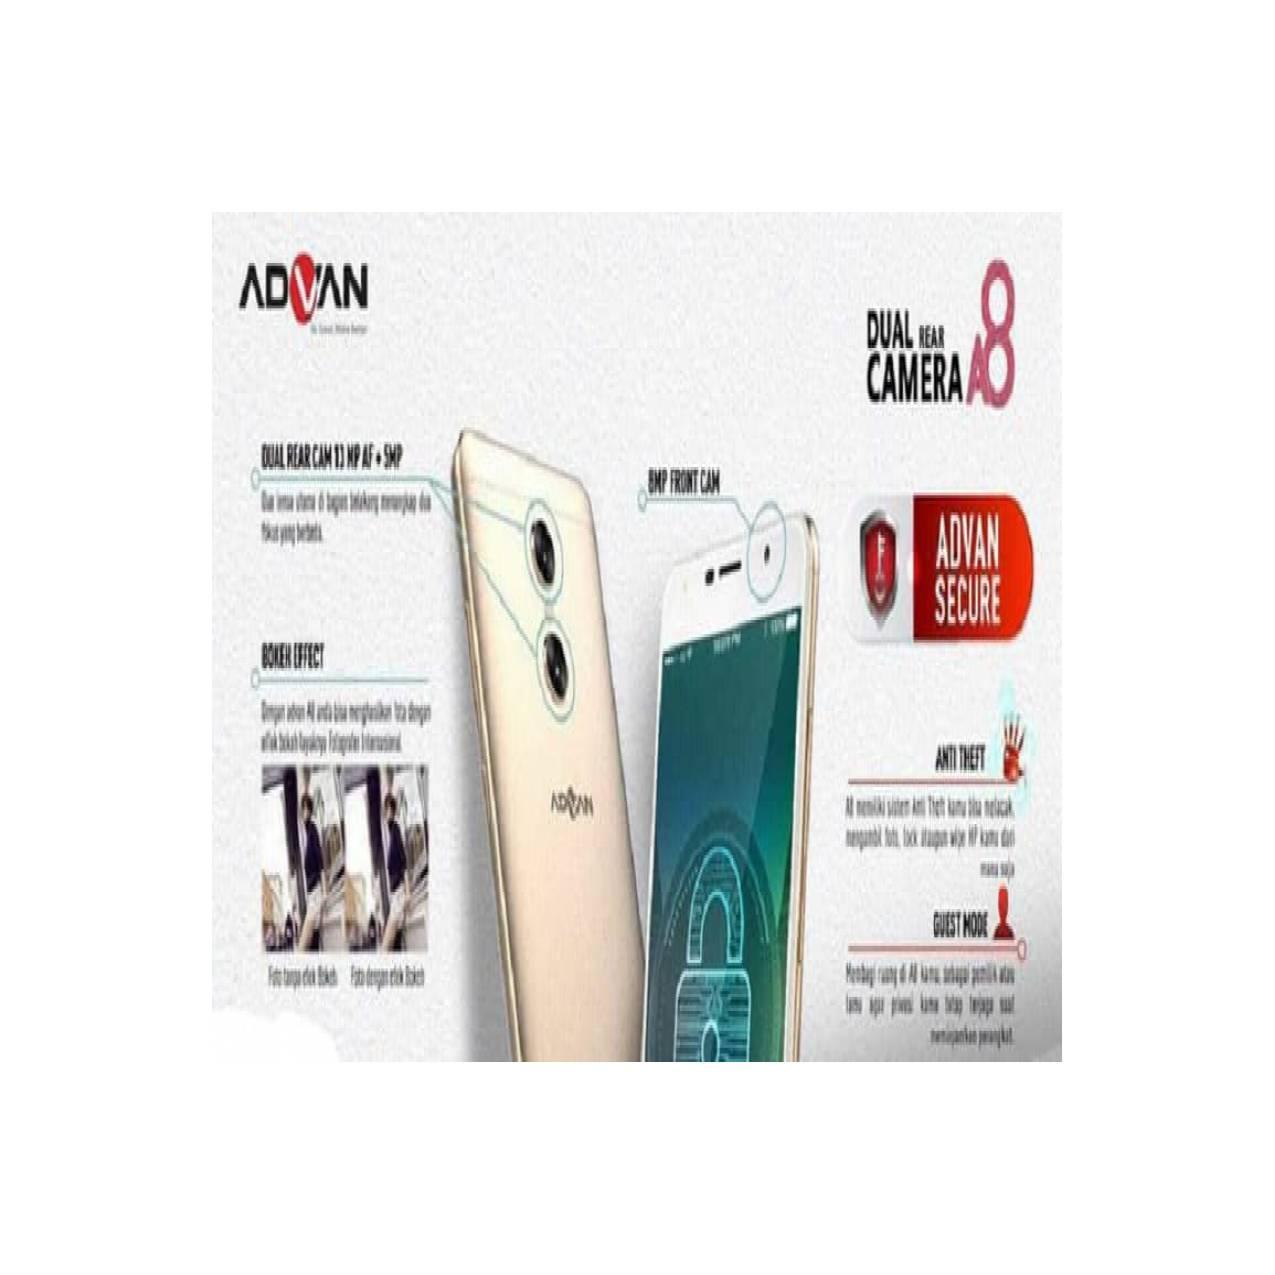 Advan Vandroid A8 Dual Rear Camera RAM 4gb ROM 32gb